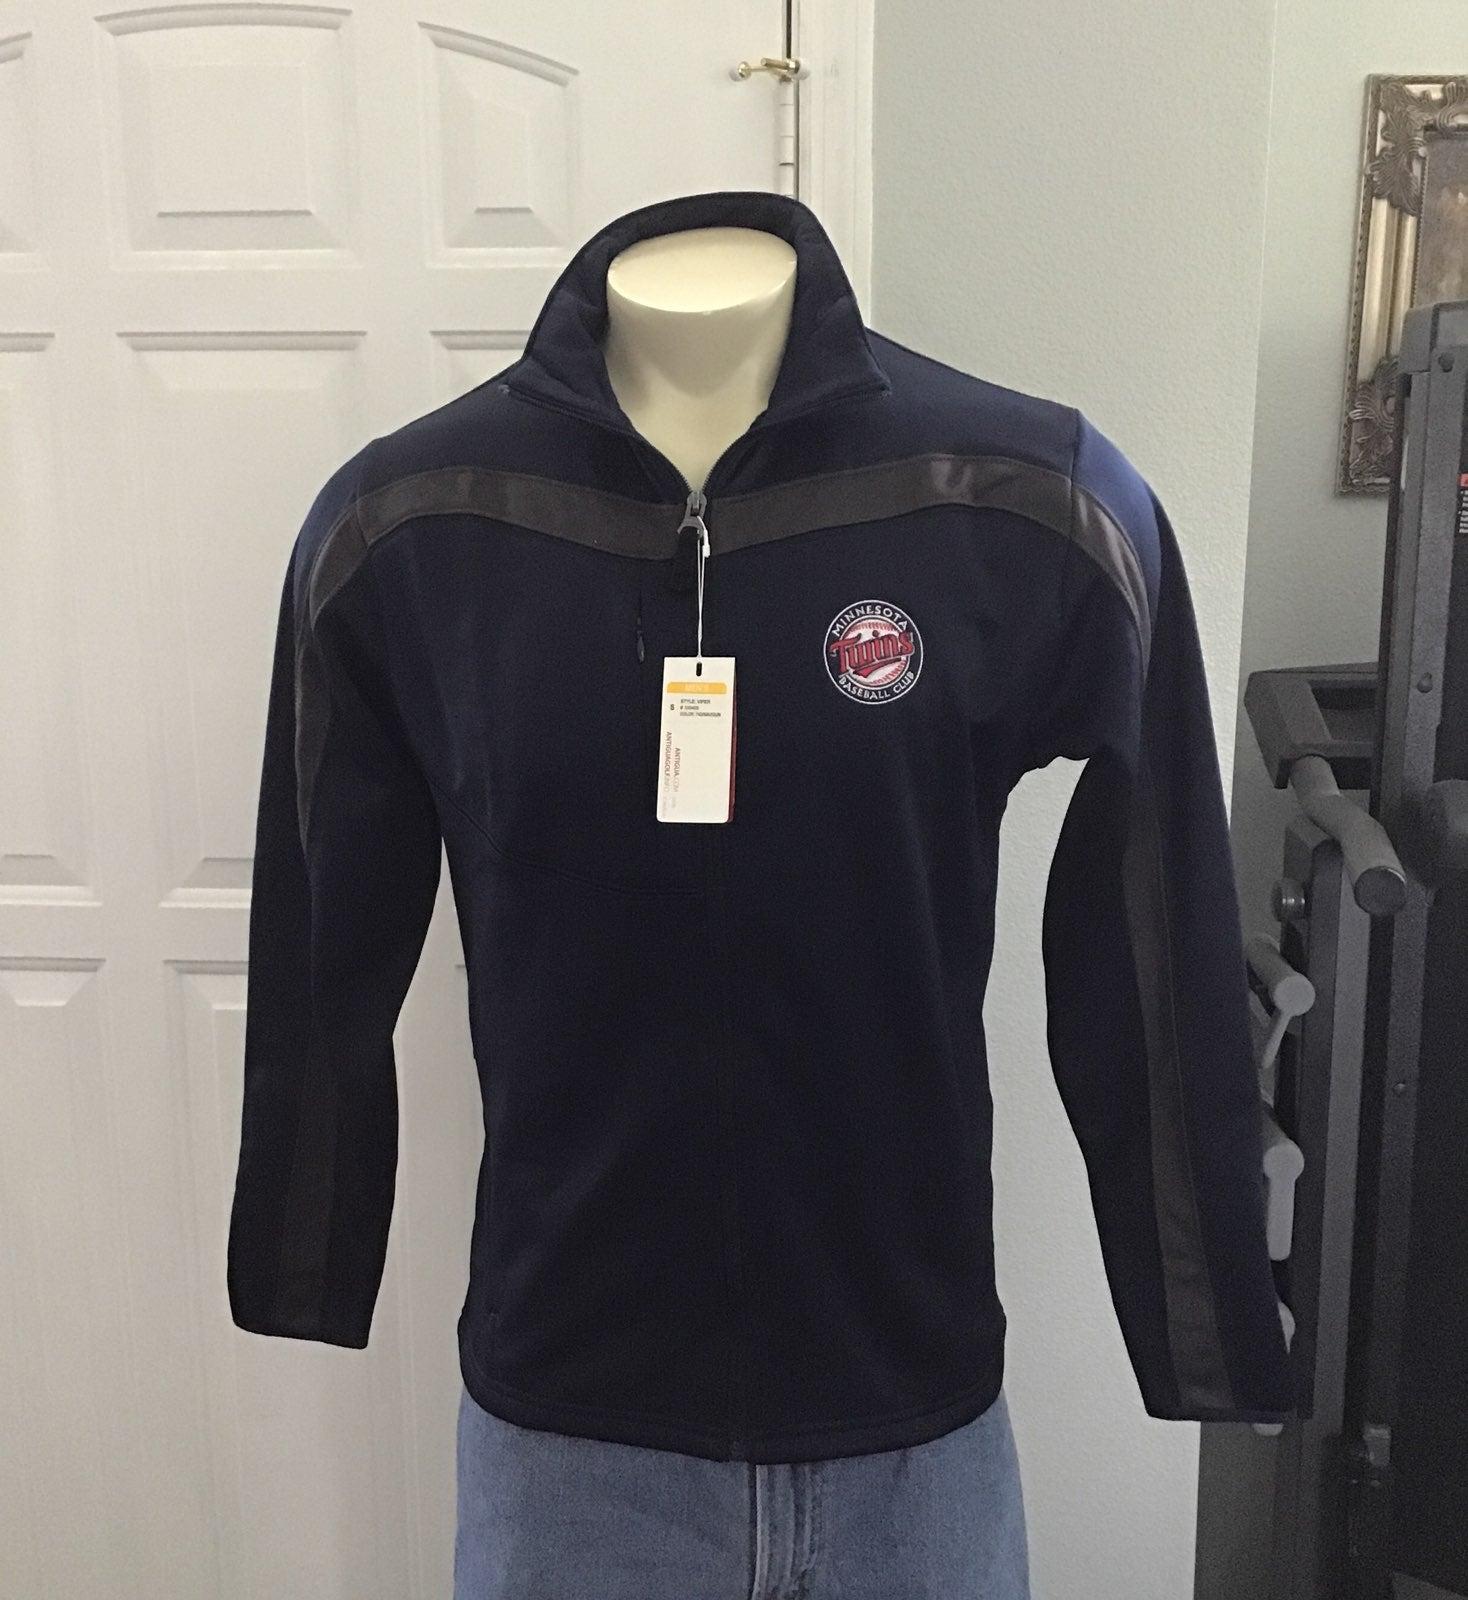 Antigua MLB Minnesota Twins Jacket